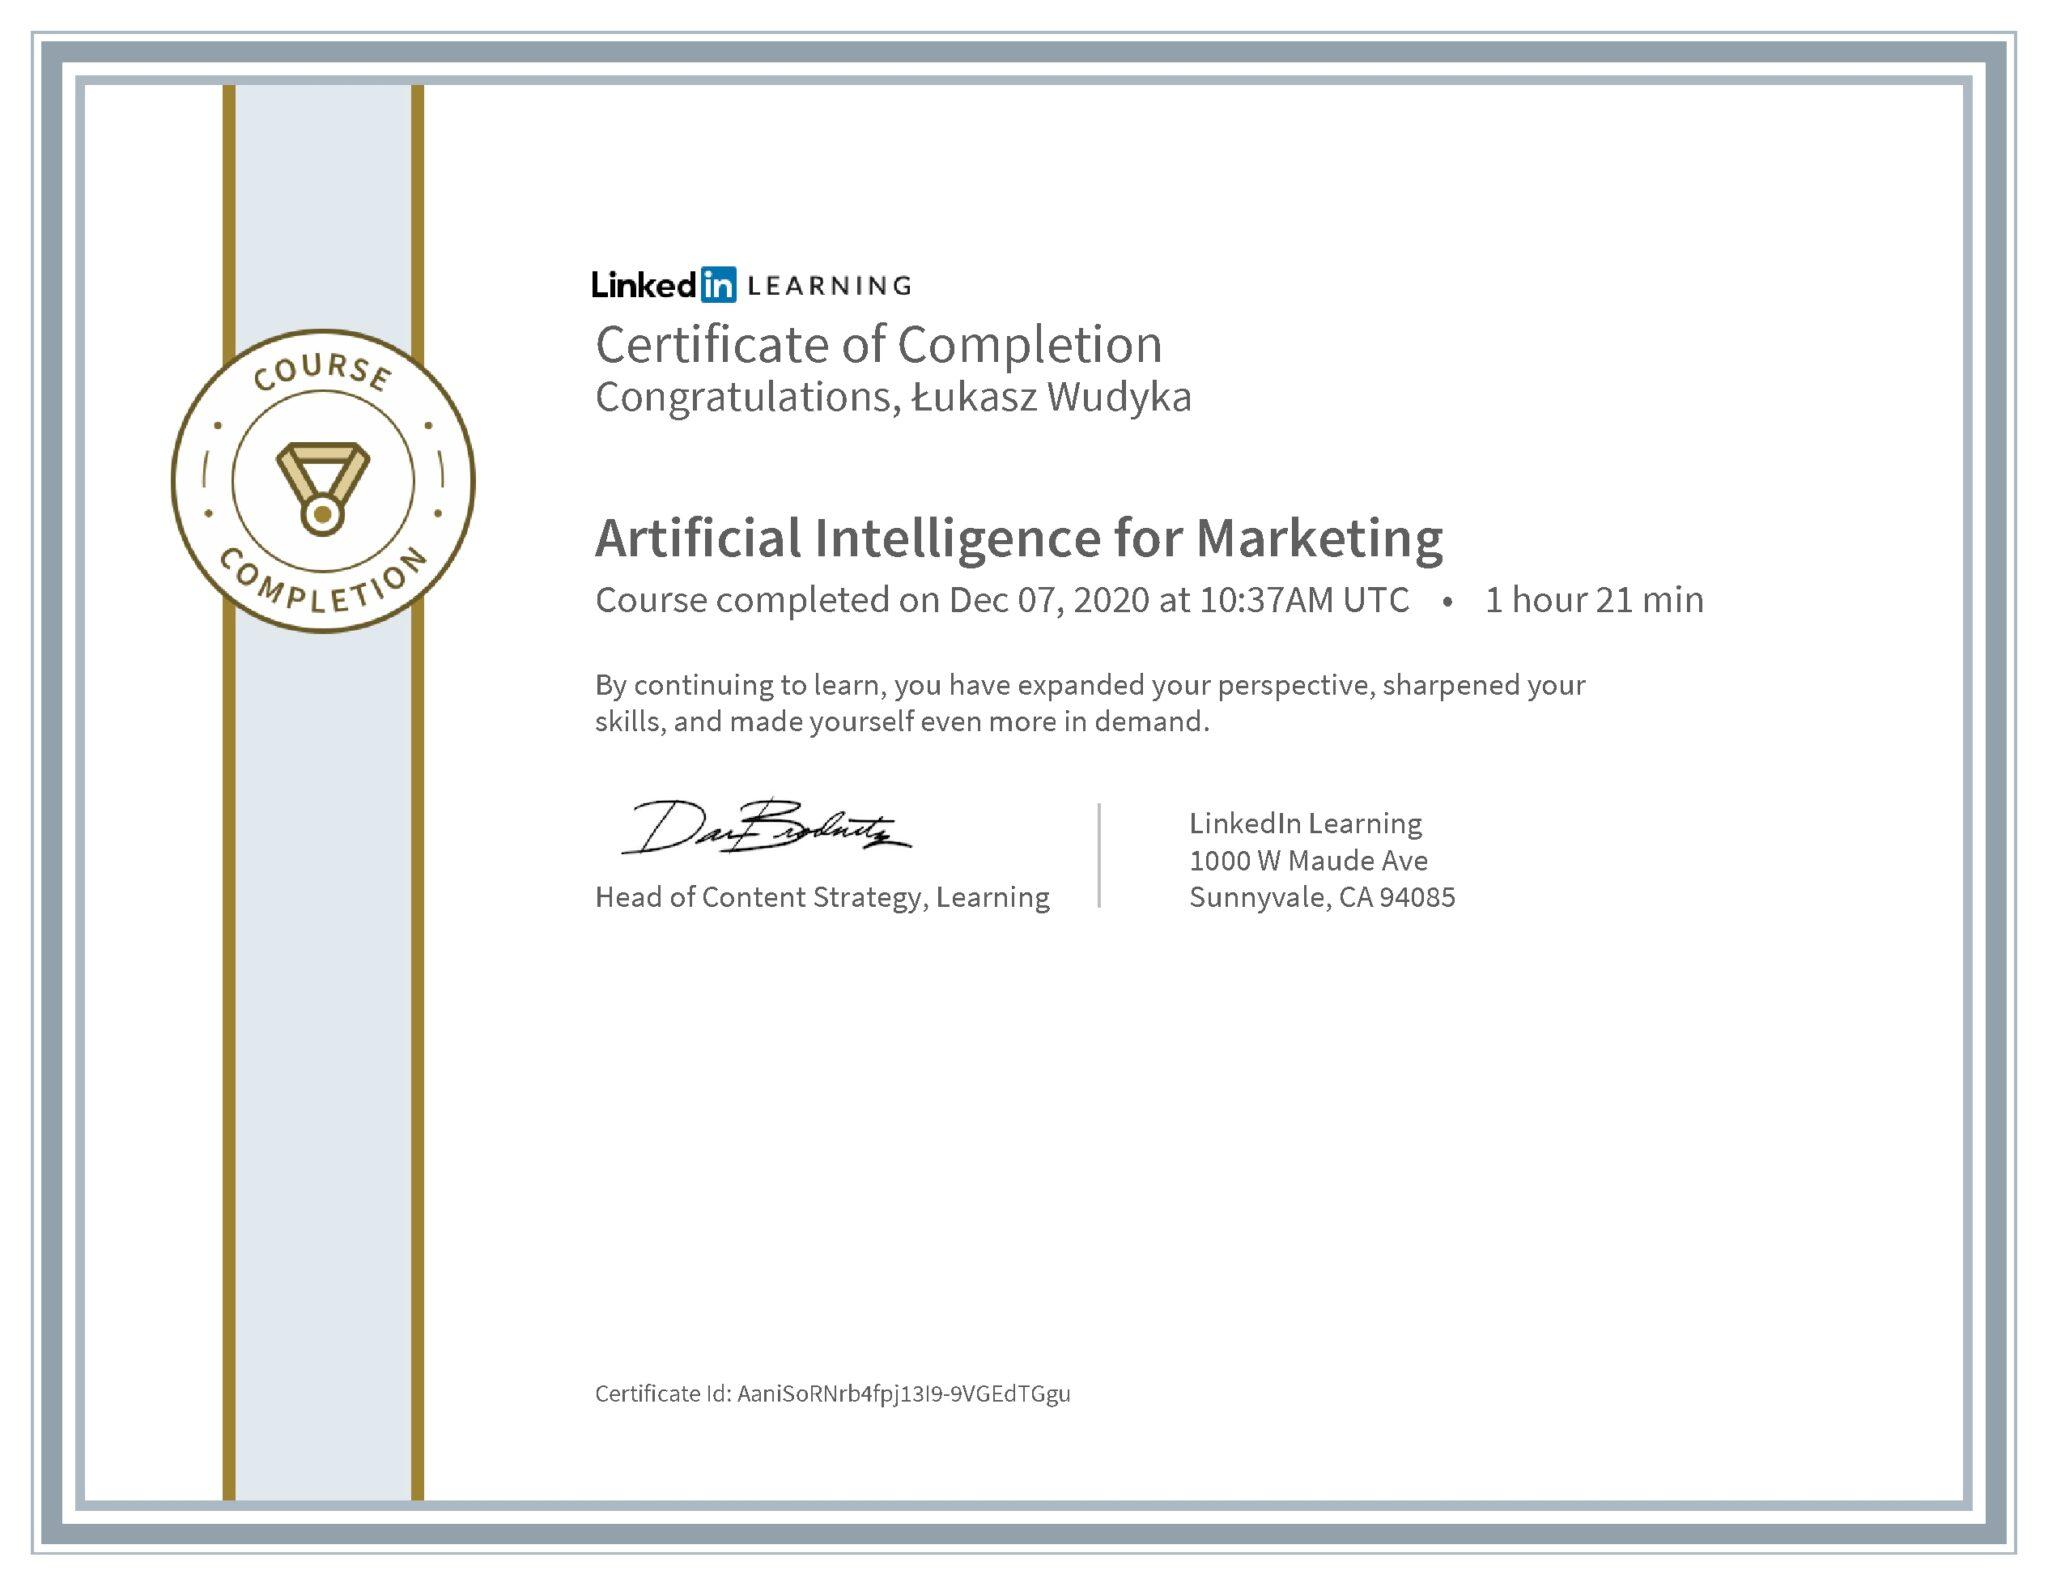 Łukasz Wudyka certyfikat LinkedIn Artificial Intelligence for Marketing